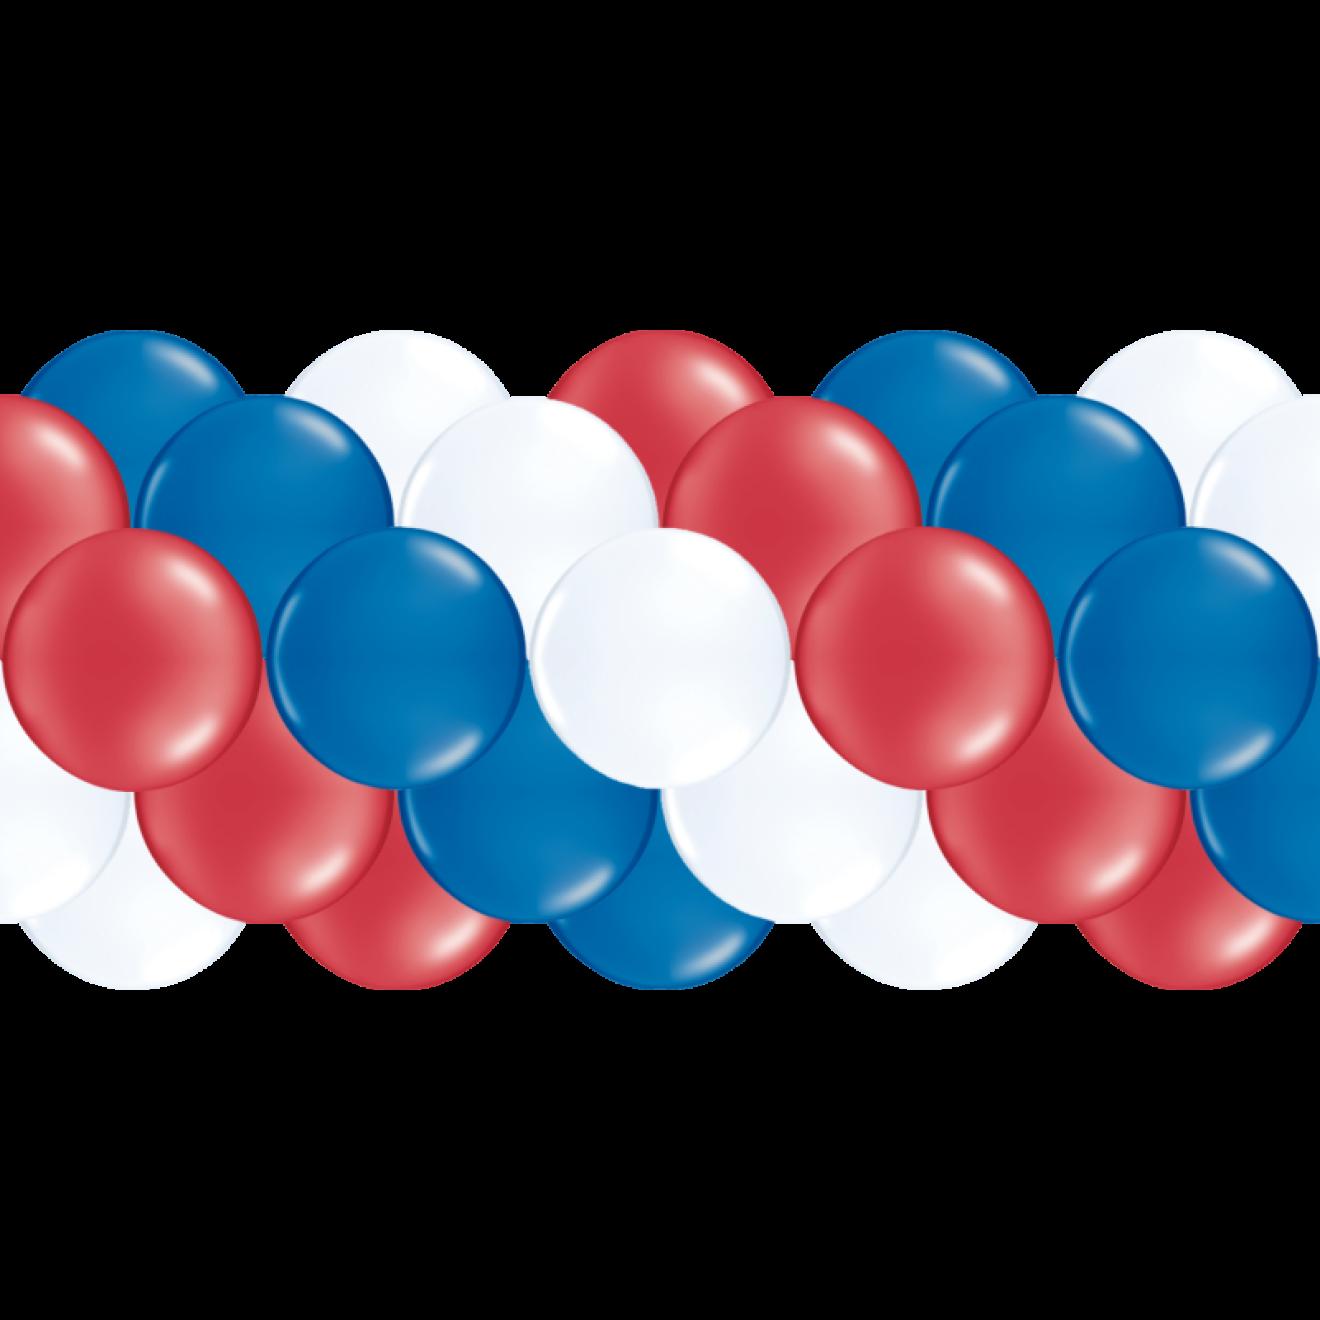 Luftballongirlanden-Set Frankreich: Blau, Weiß, Rot Ab 3 M